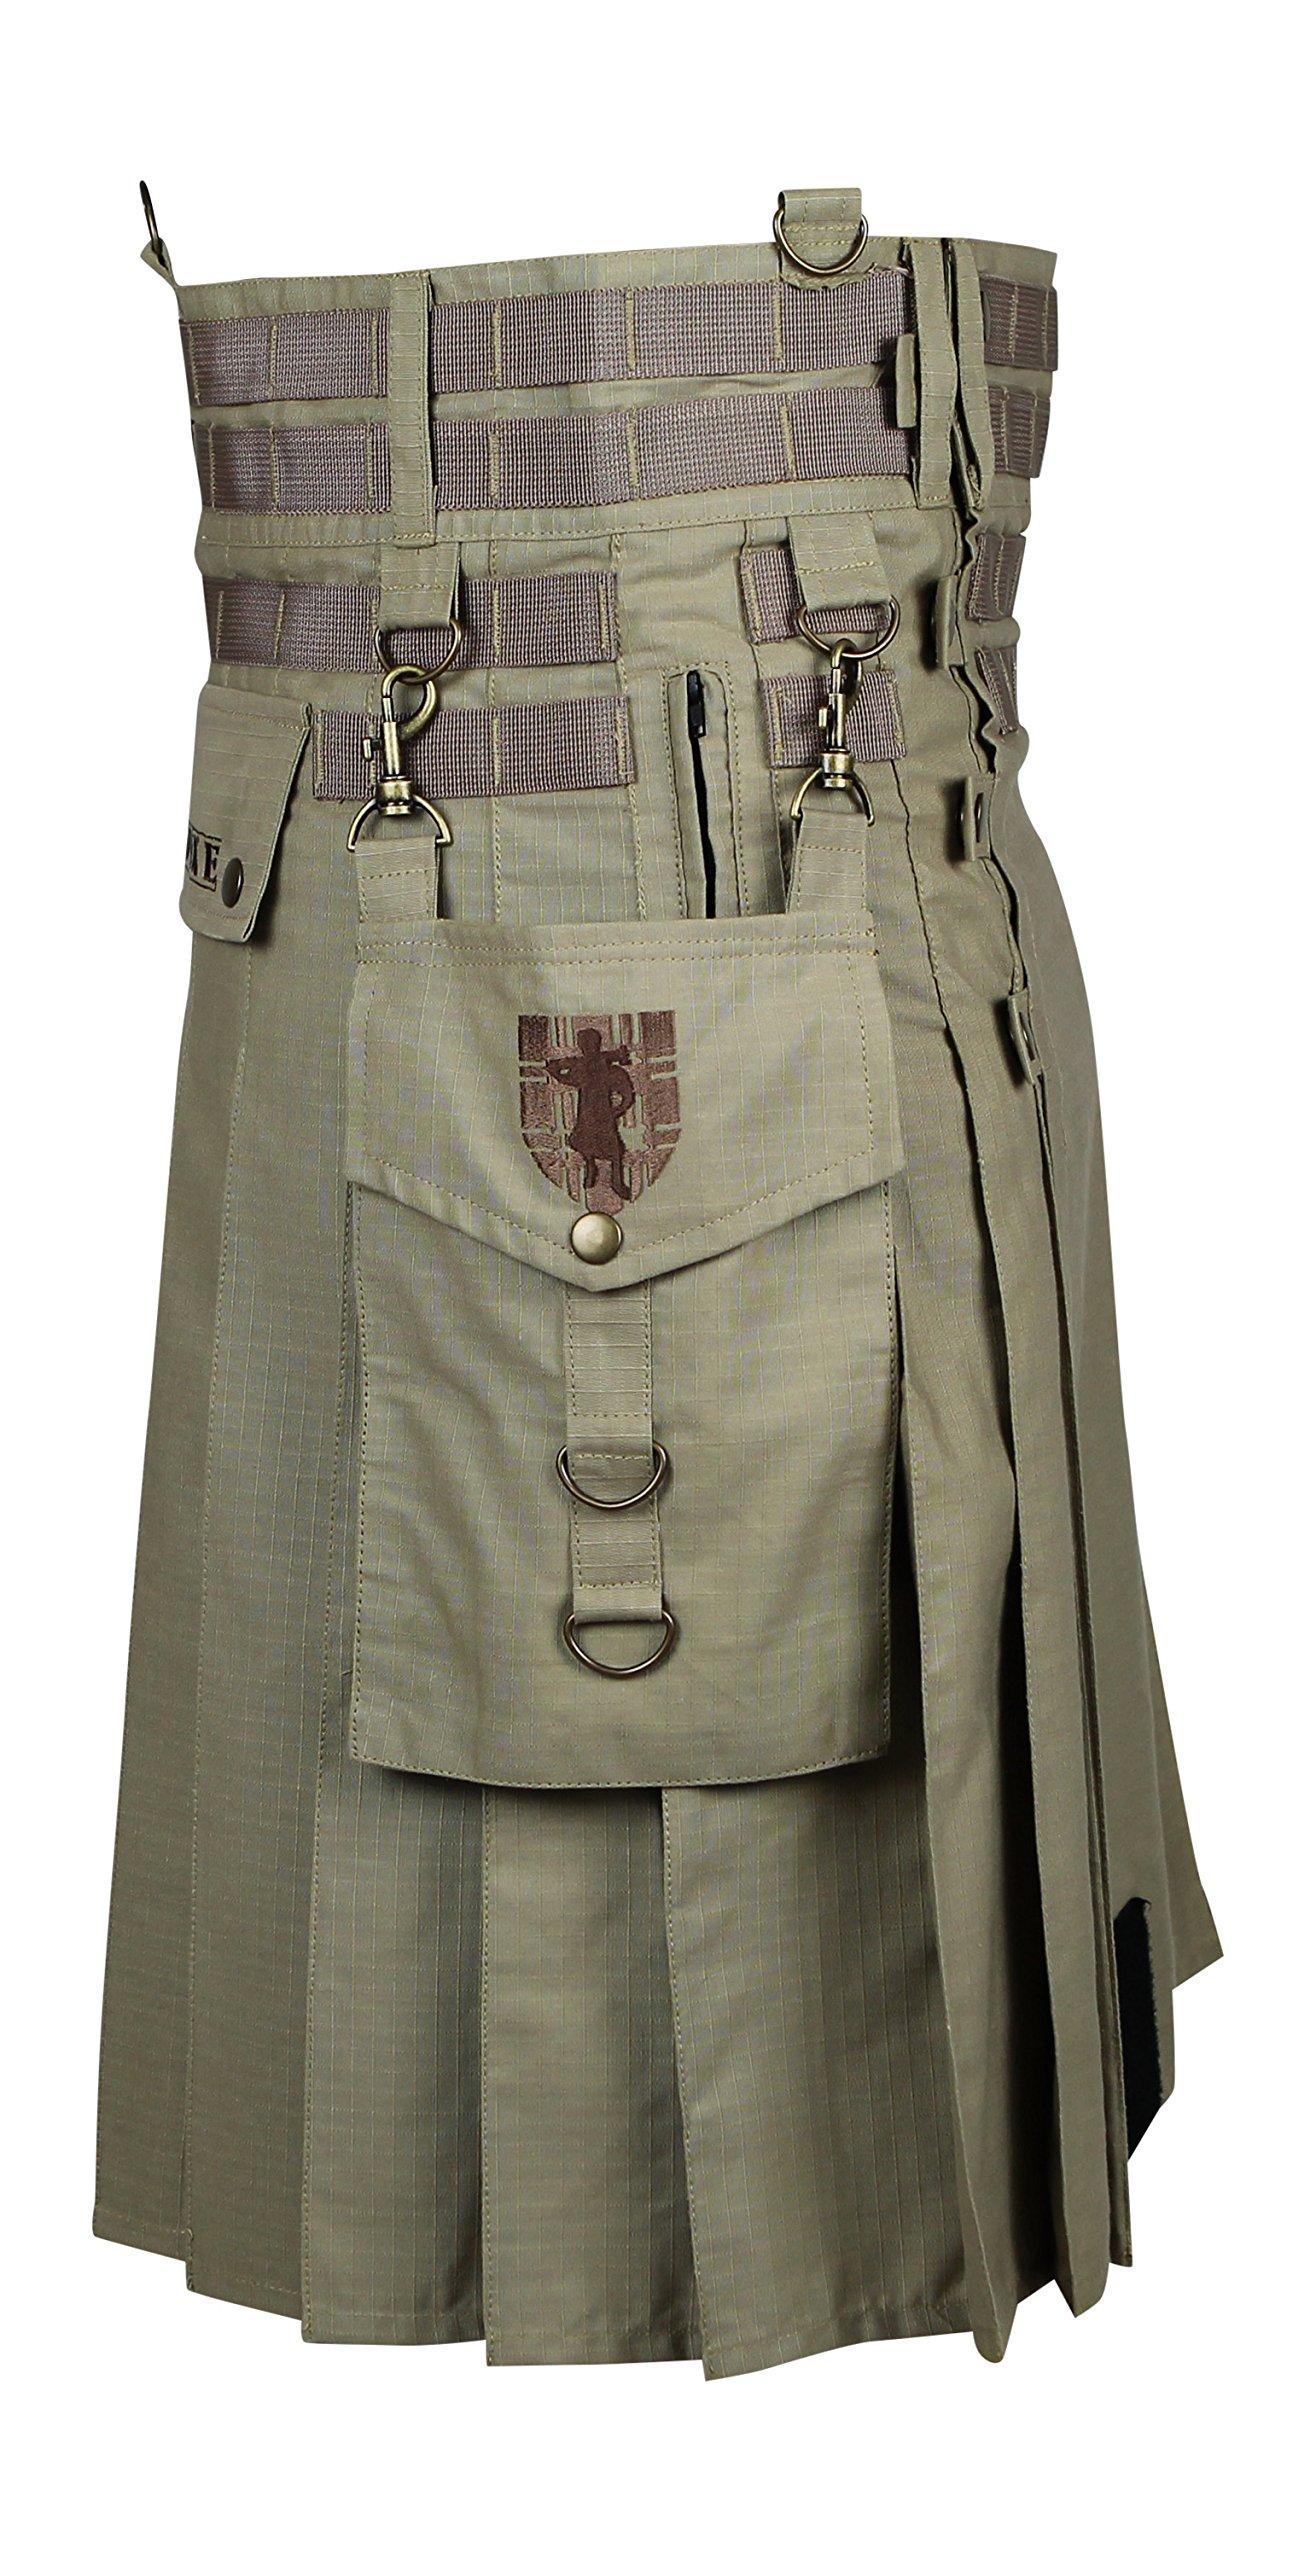 Damn Near Kilt 'Em Men's Tactical Kilt Medium-Large Khaki by Damn Near Kilt 'Em (Image #2)